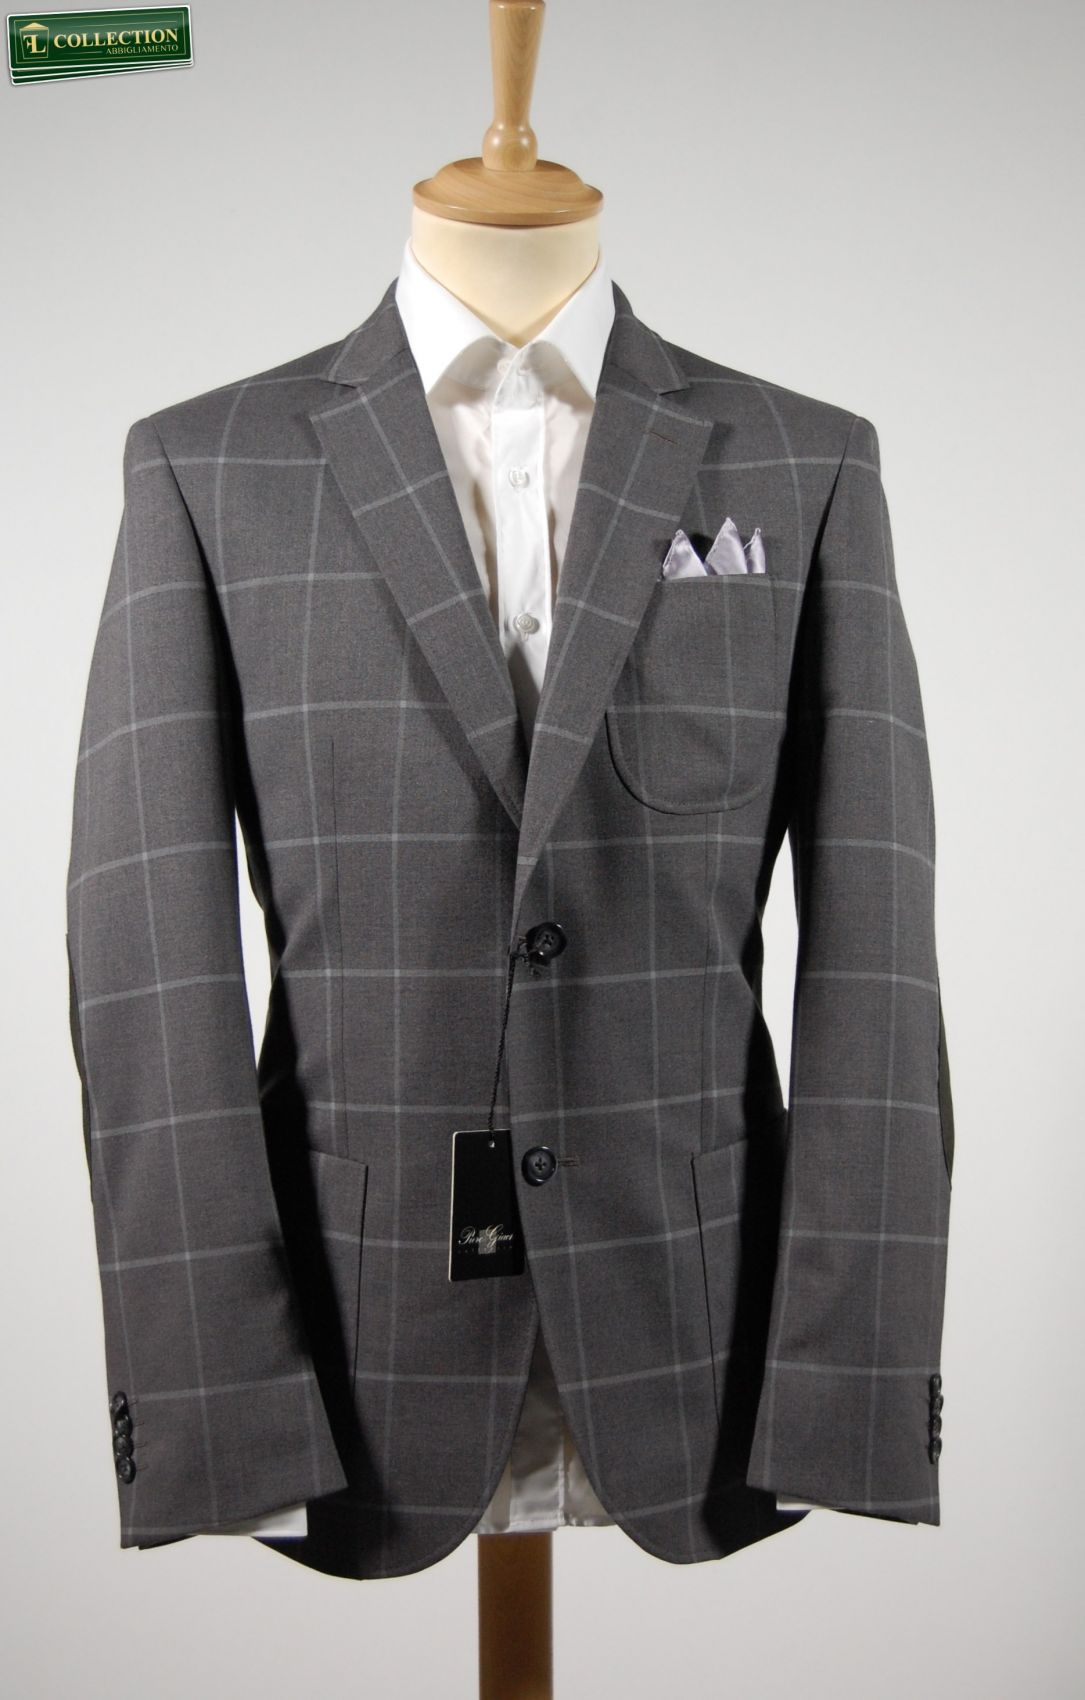 c6dae56e7a Giacca blazer uomo grigio a quadroni piero giachi saldi outlet ...